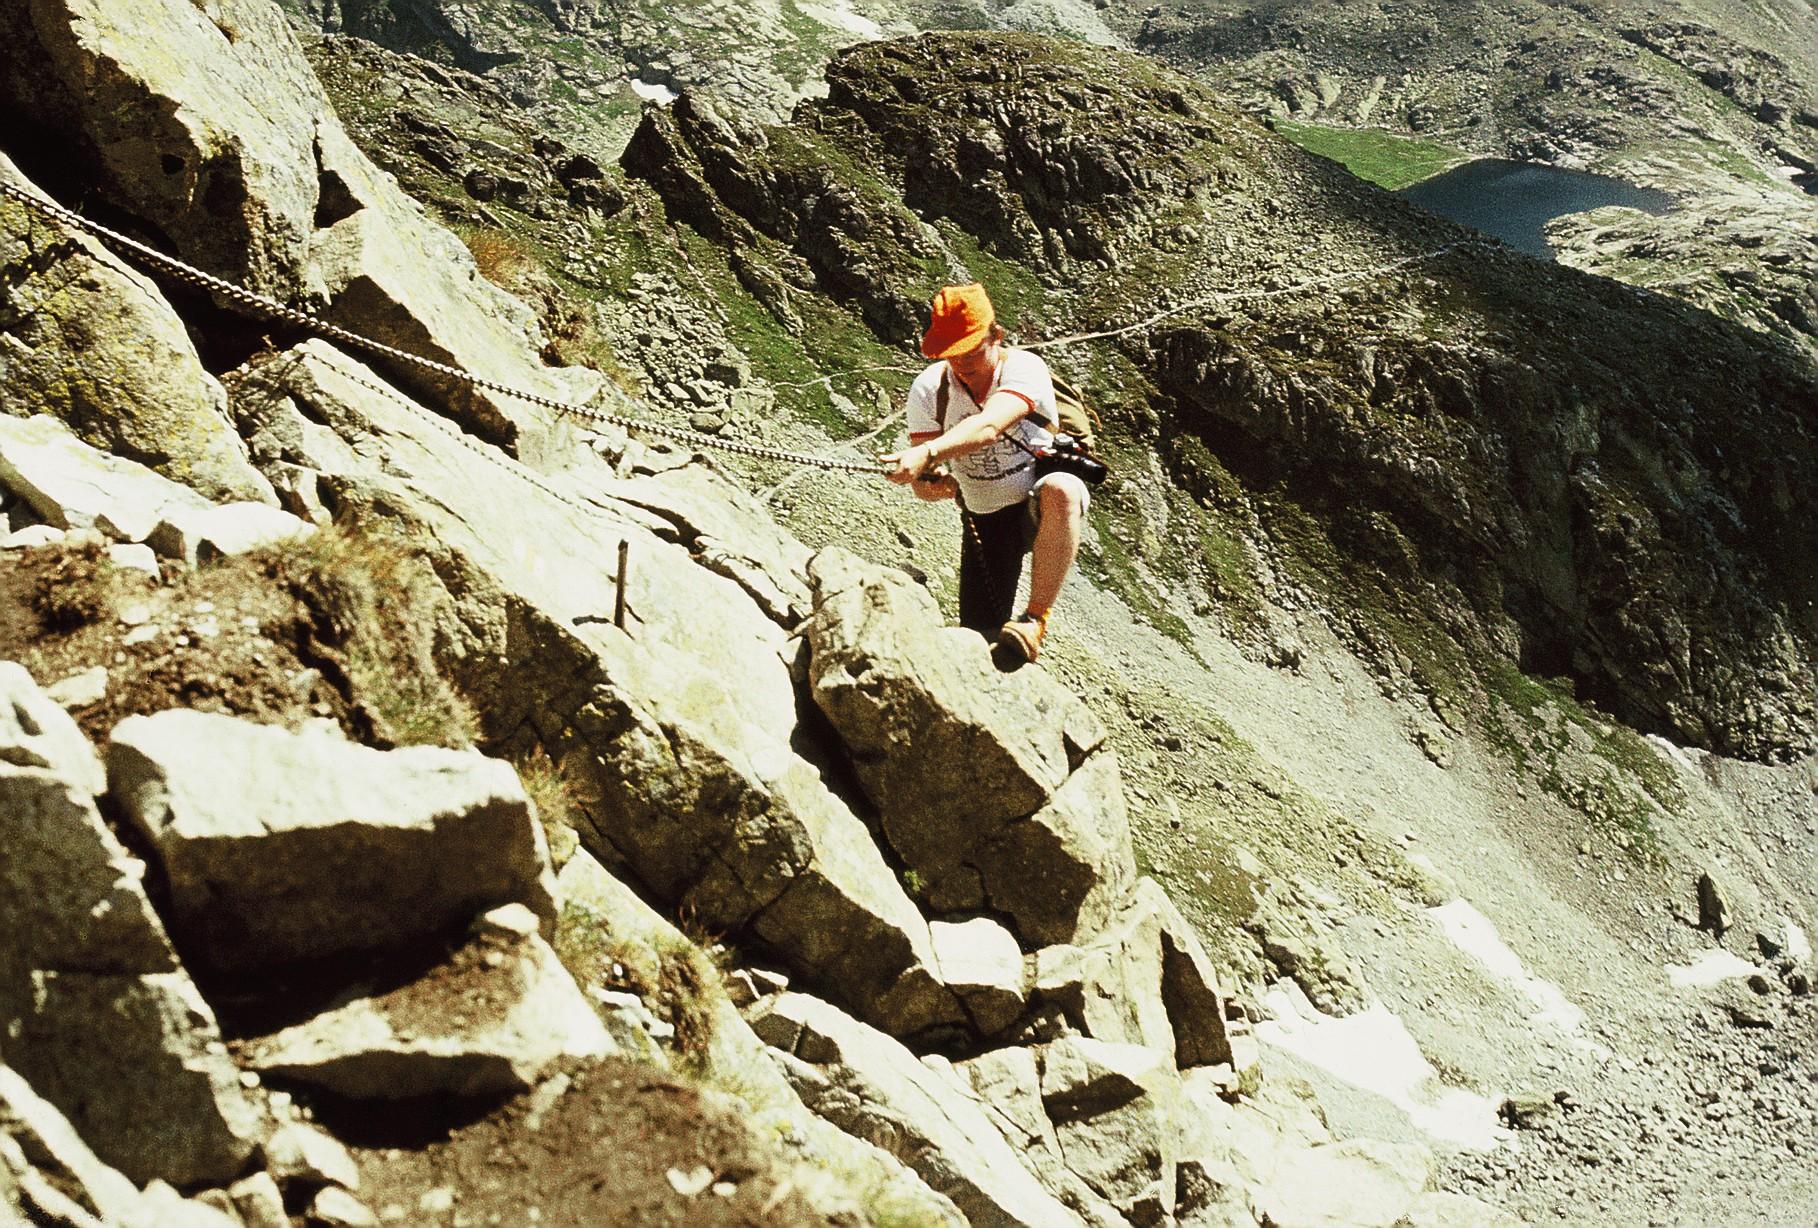 Ketten helfen beim Aufstieg